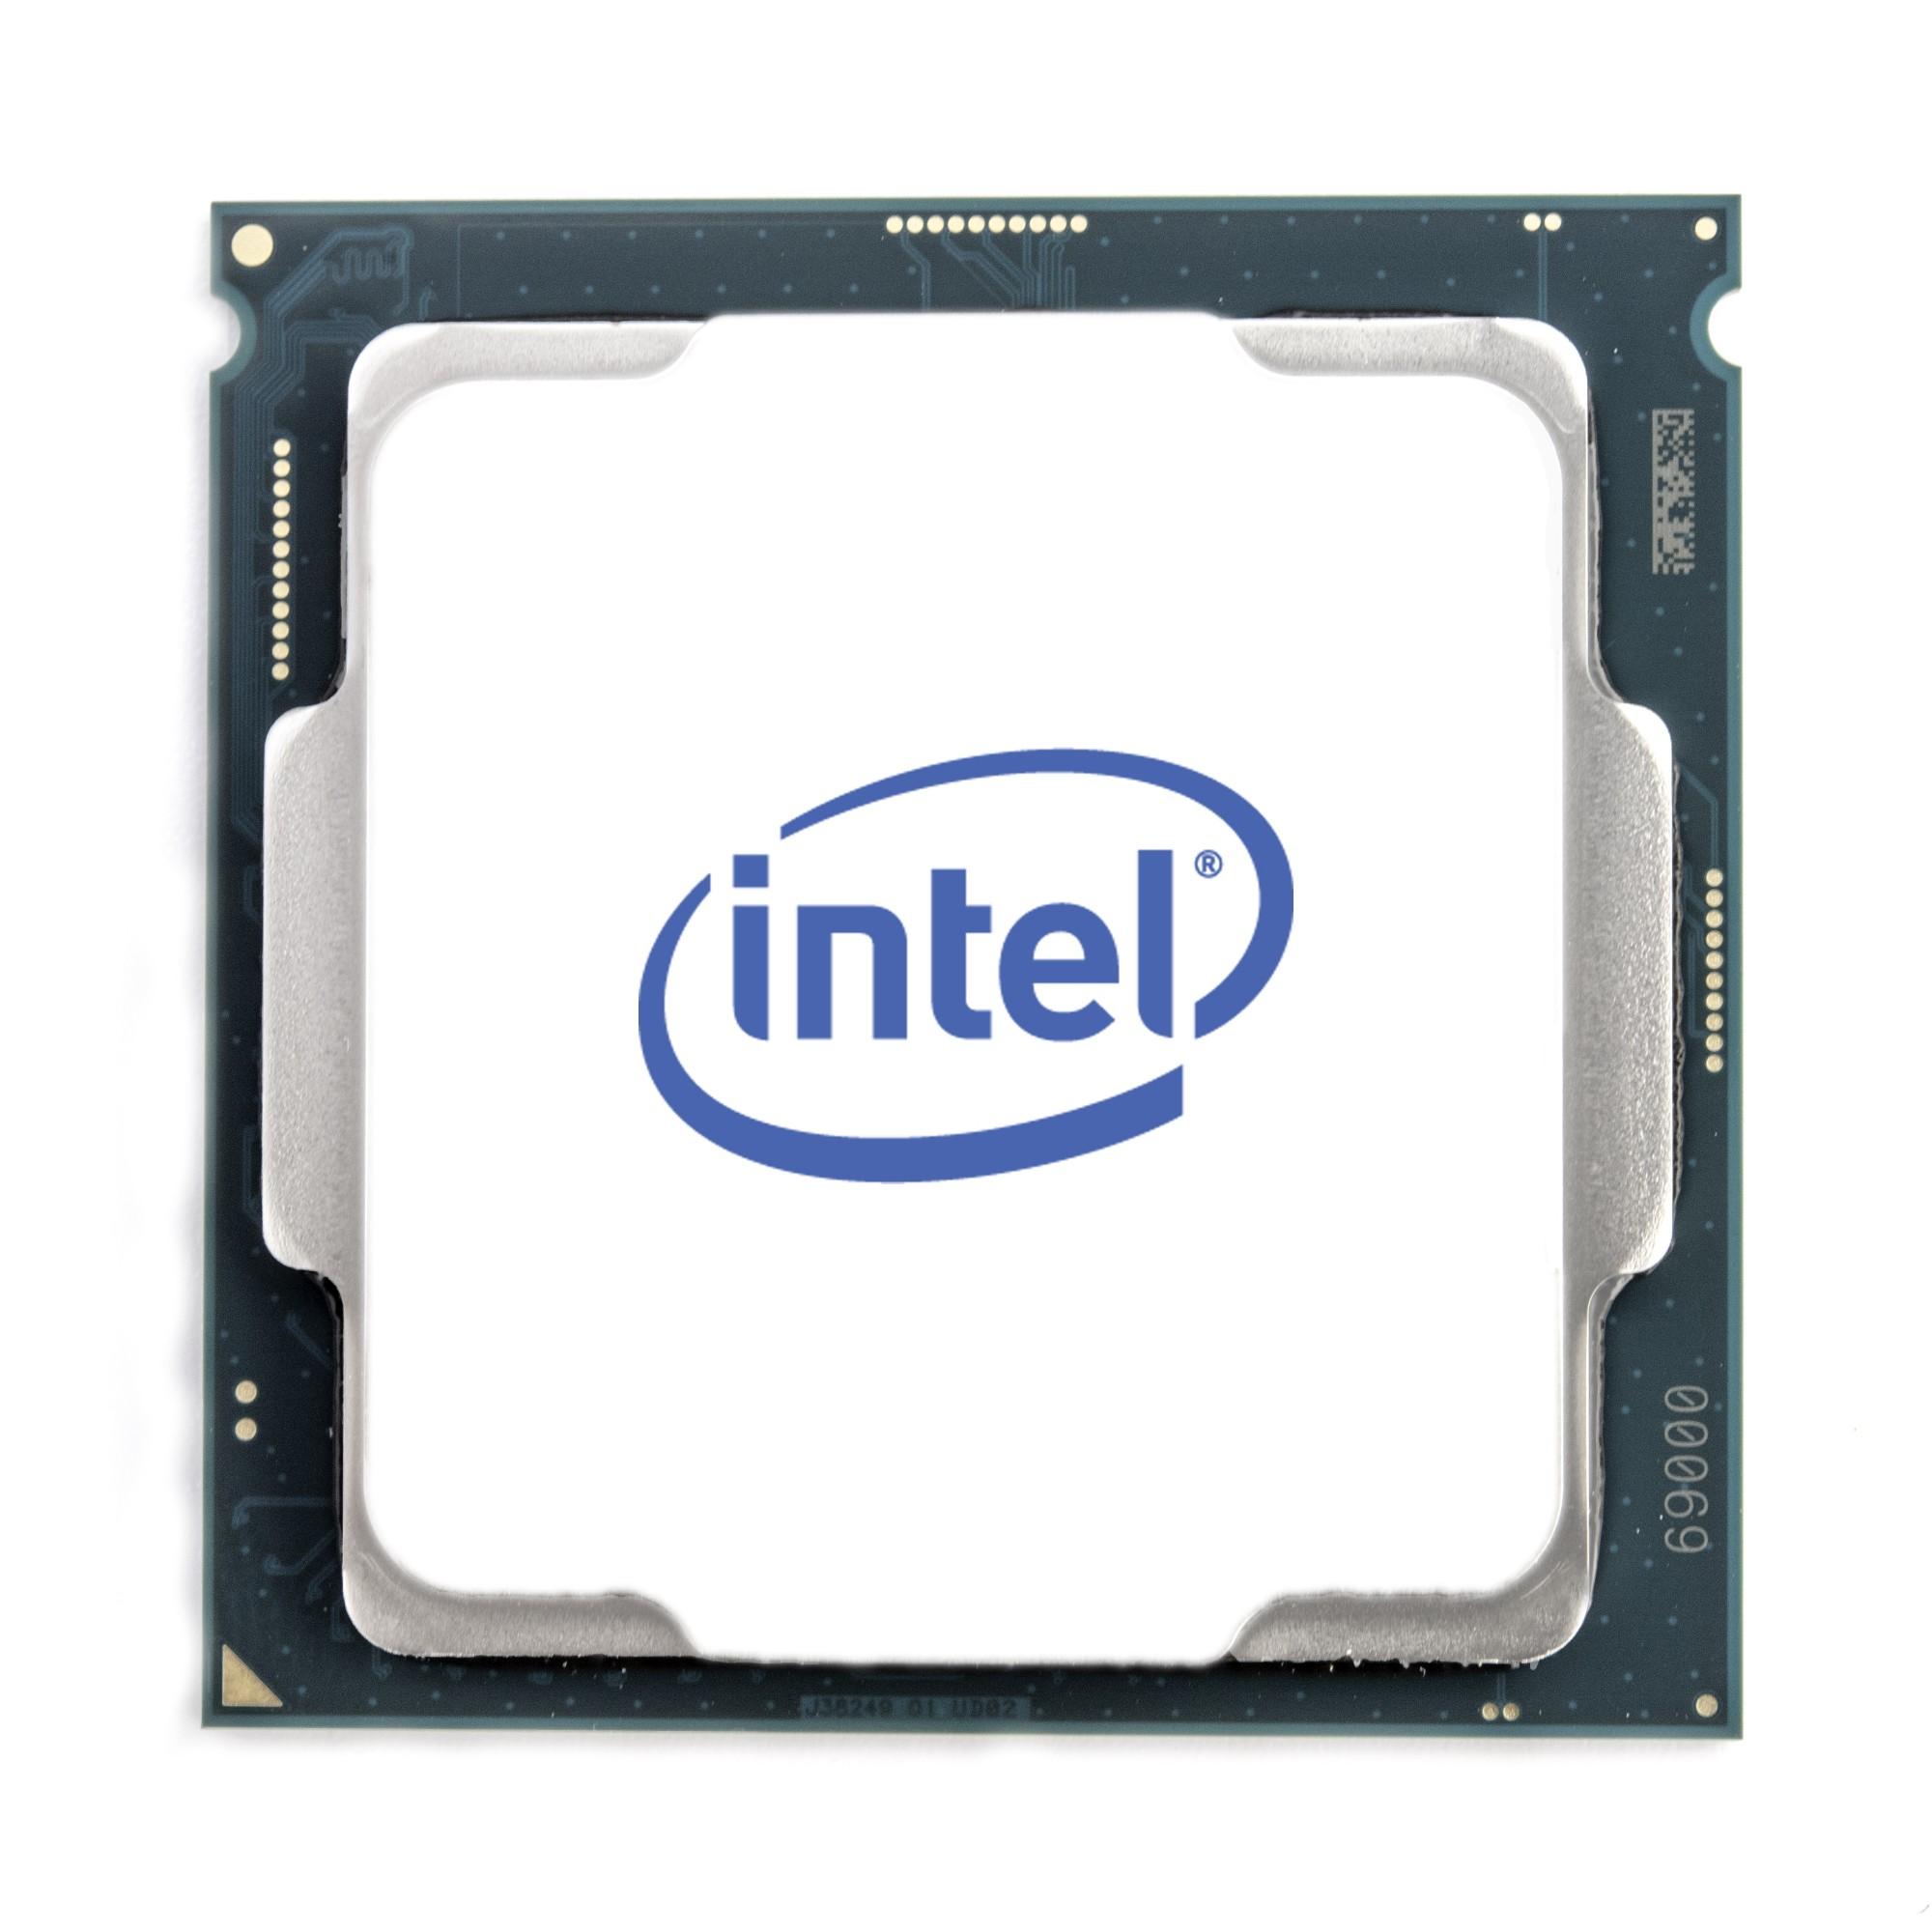 Intel Core i5-11600K processor 3.9 GHz 12 MB Smart Cache Box